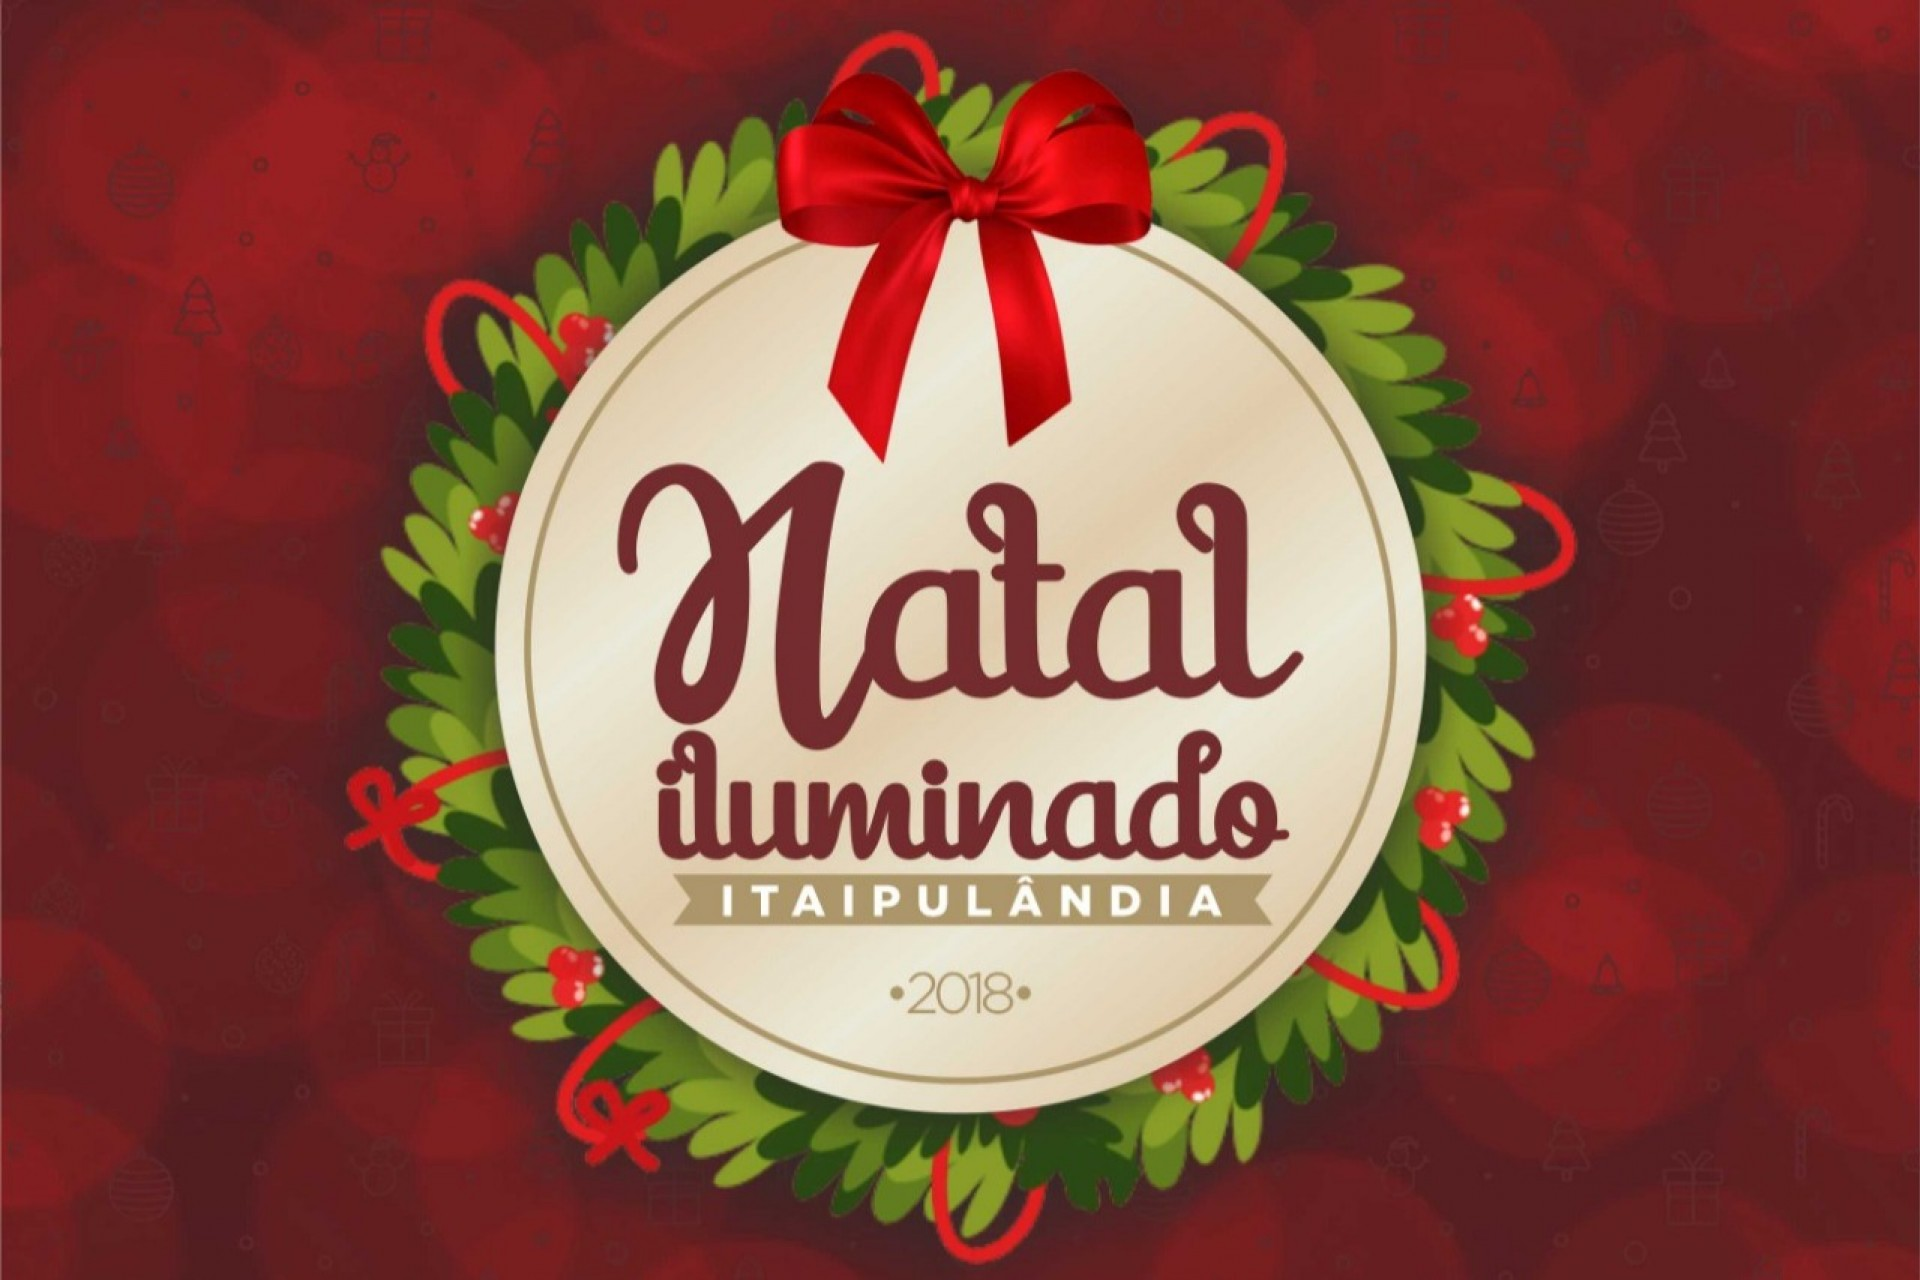 Programação do Natal Iluminado 2018 em Itaipulândia